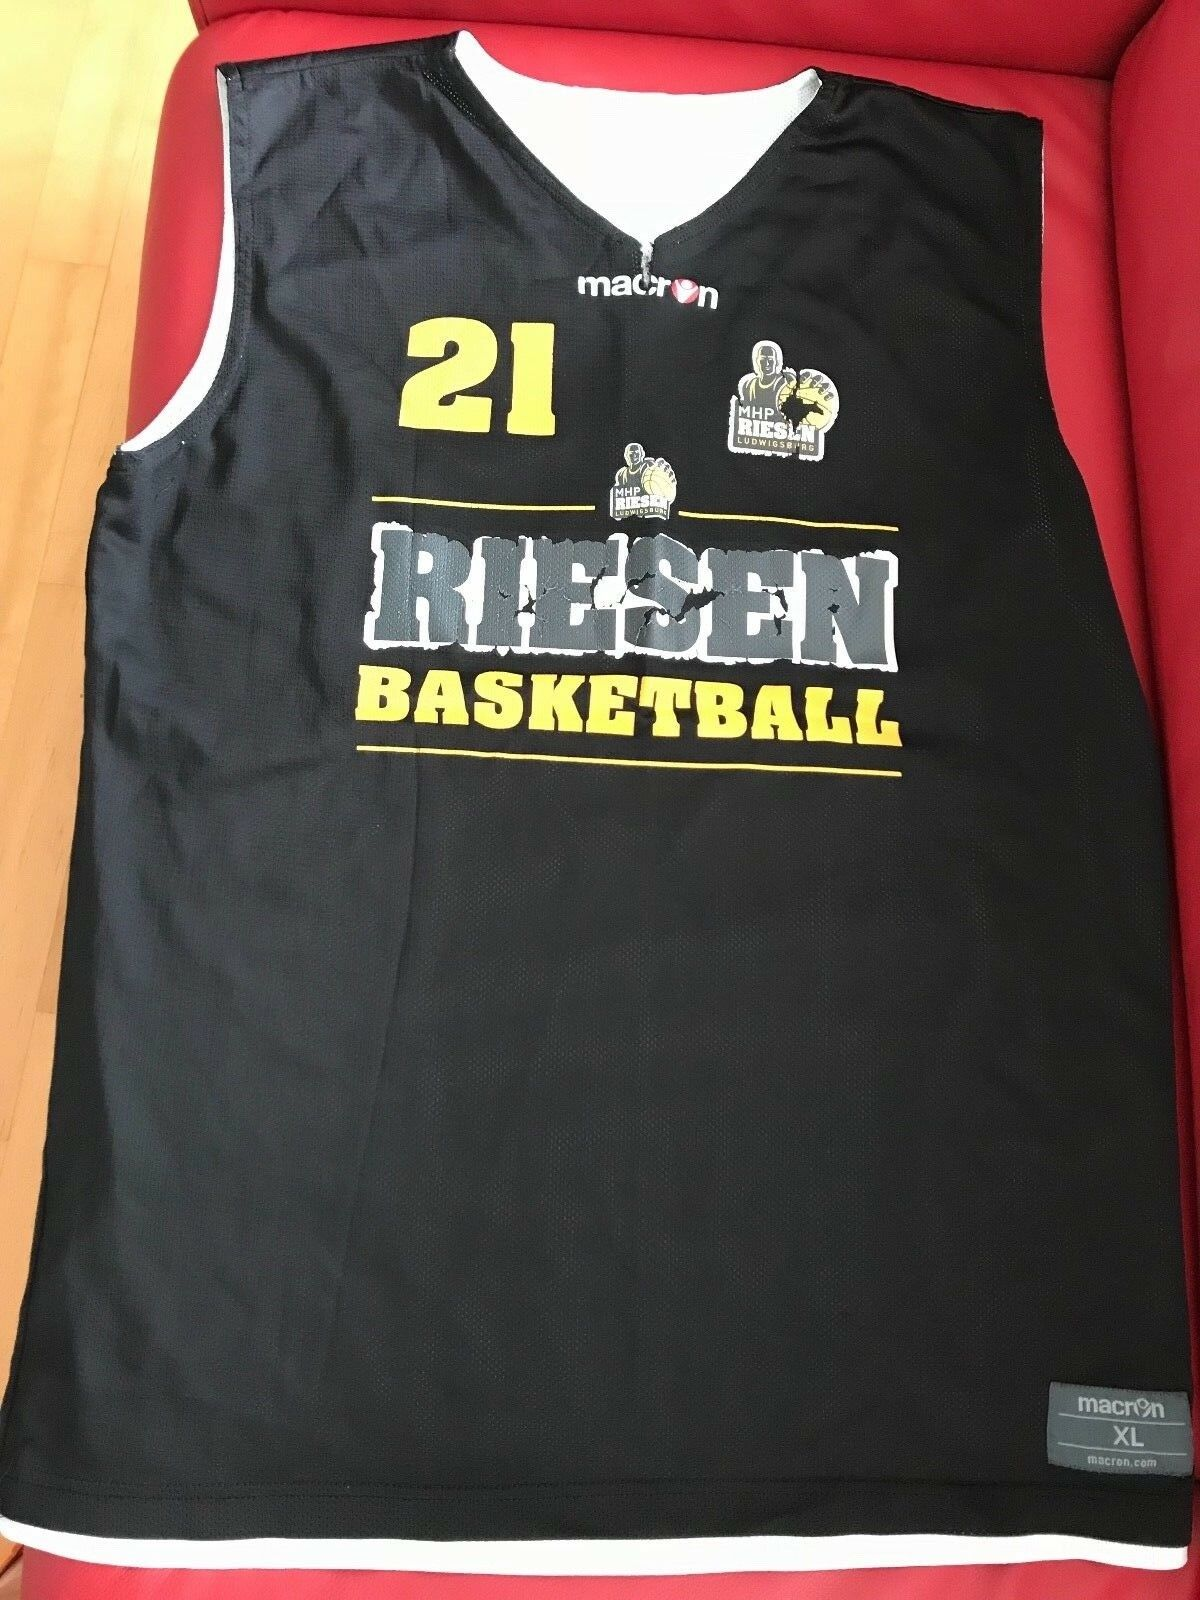 MHP Riesen Jersey Jersey Jersey gameworn Nr. 21 Jason Boone Basketball XL Macron Beko BBL Bund a919af